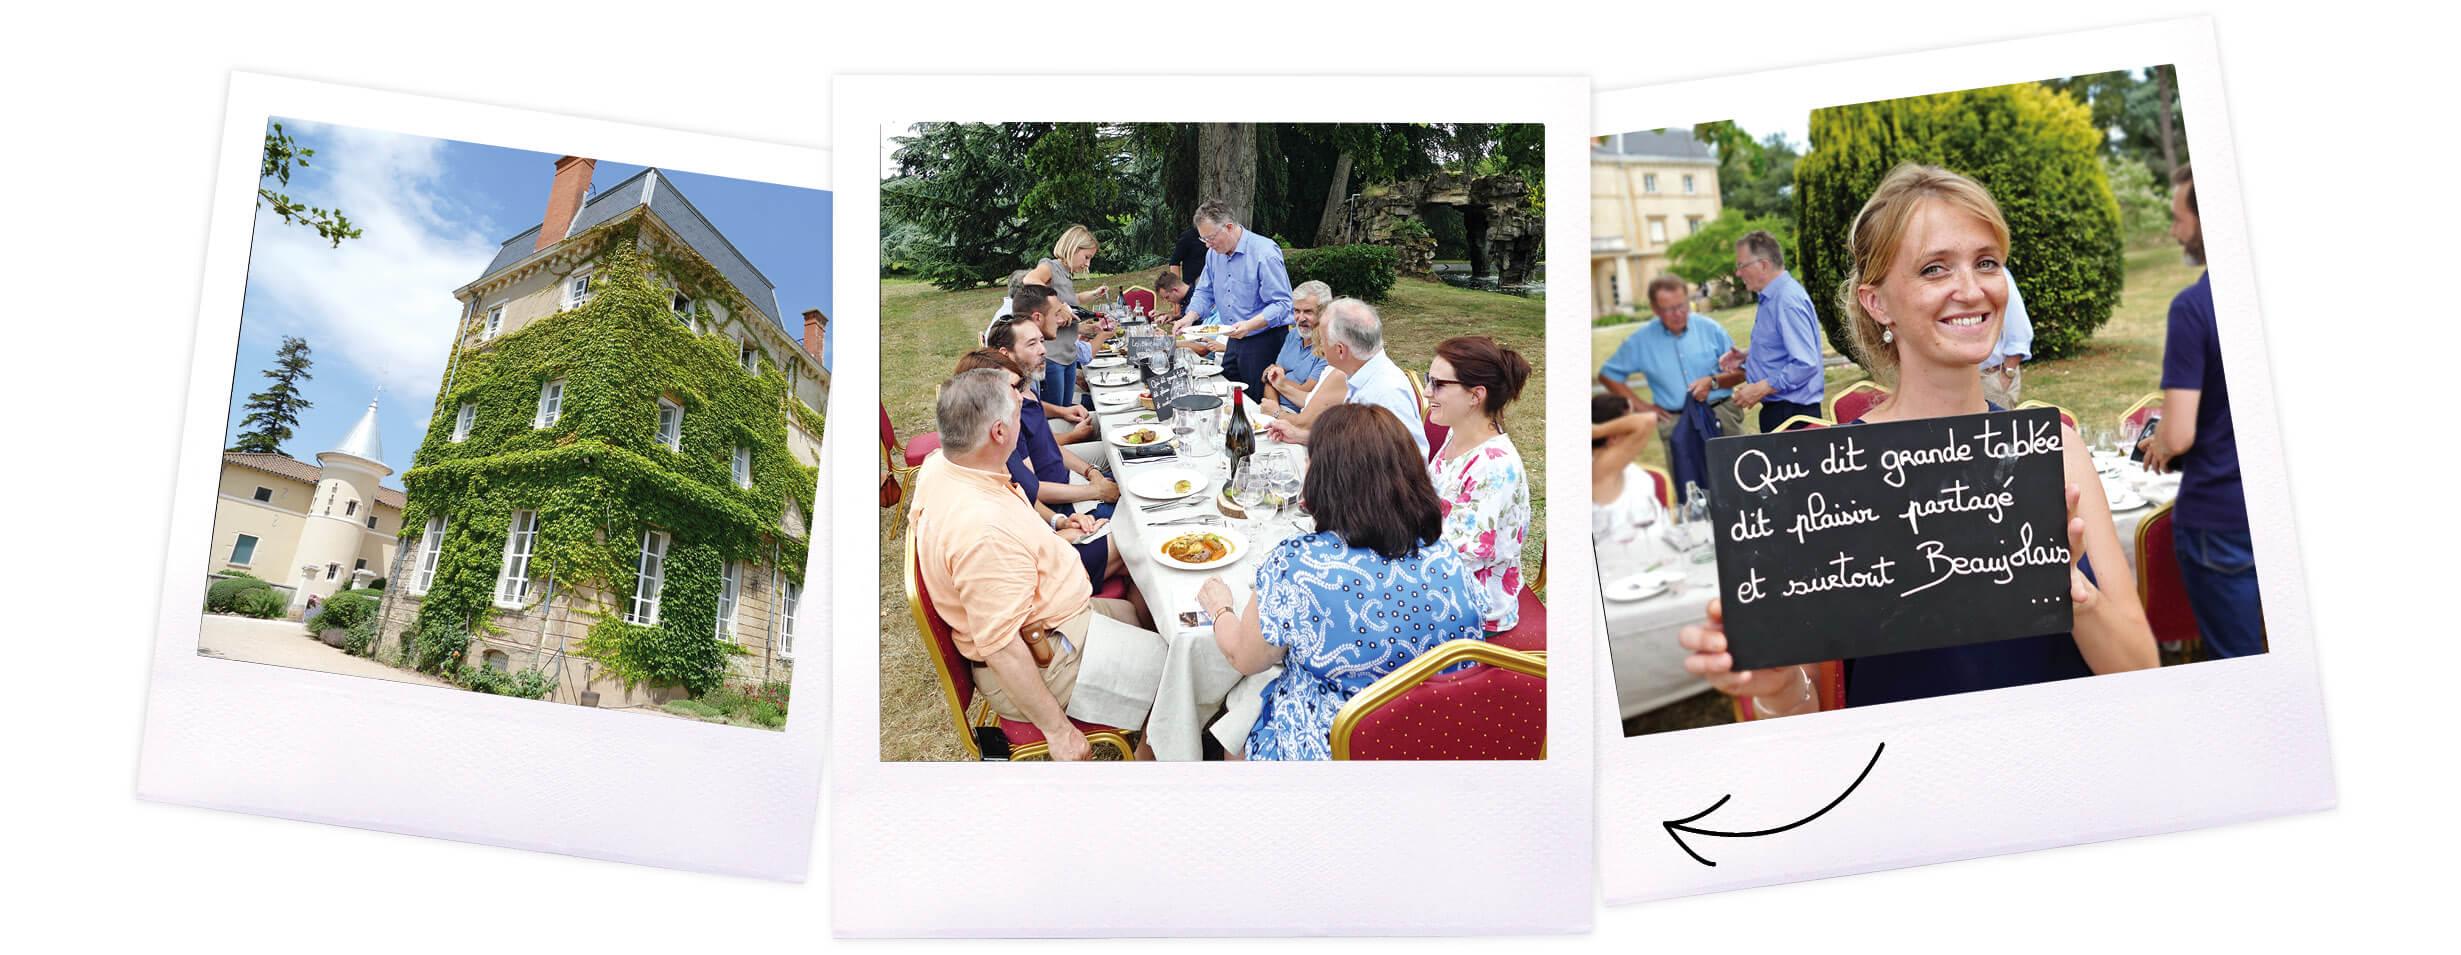 Bienvenue en Beaujonomie. Repas gastronomique avec des vins Beaujolais de caractère au château de Bellevue à Villié Morgon